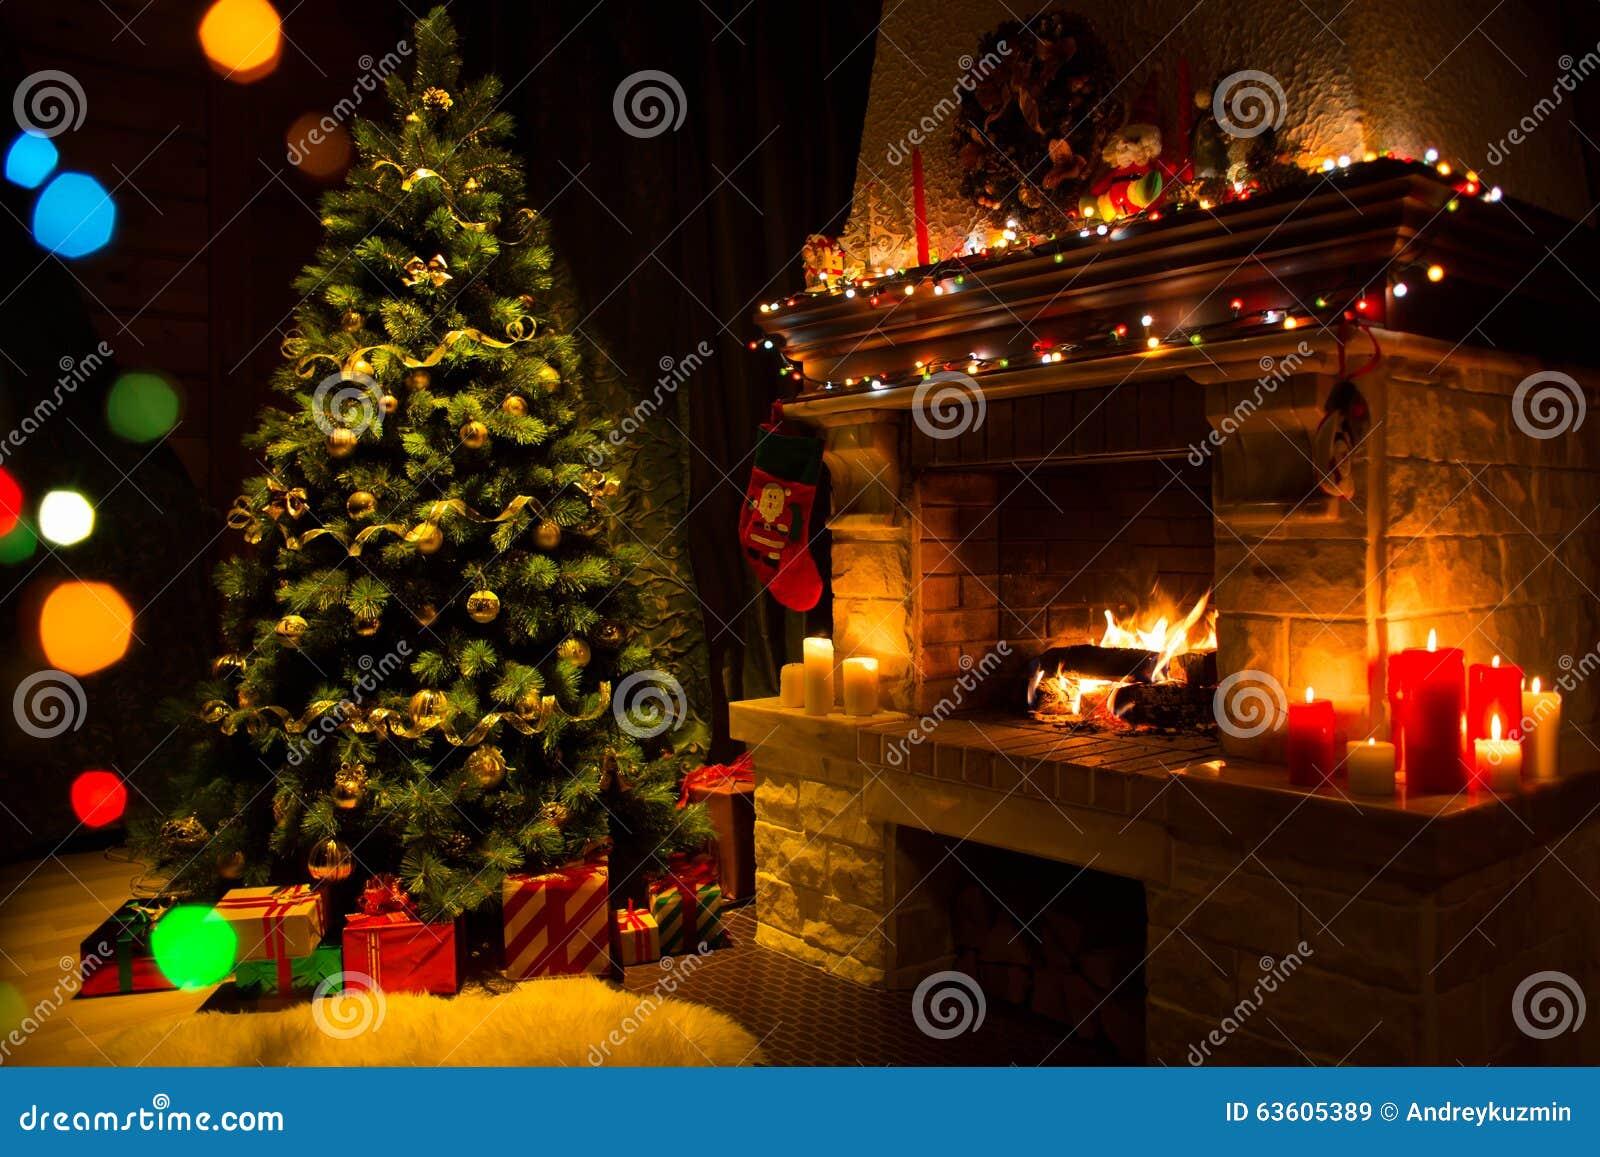 Download 壁炉和装饰的圣诞树和蜡烛 库存图片. 图片 包括有 居住, 壁炉, 玩具, 蜡烛, 存在, 窗帘, 没人 - 63605389